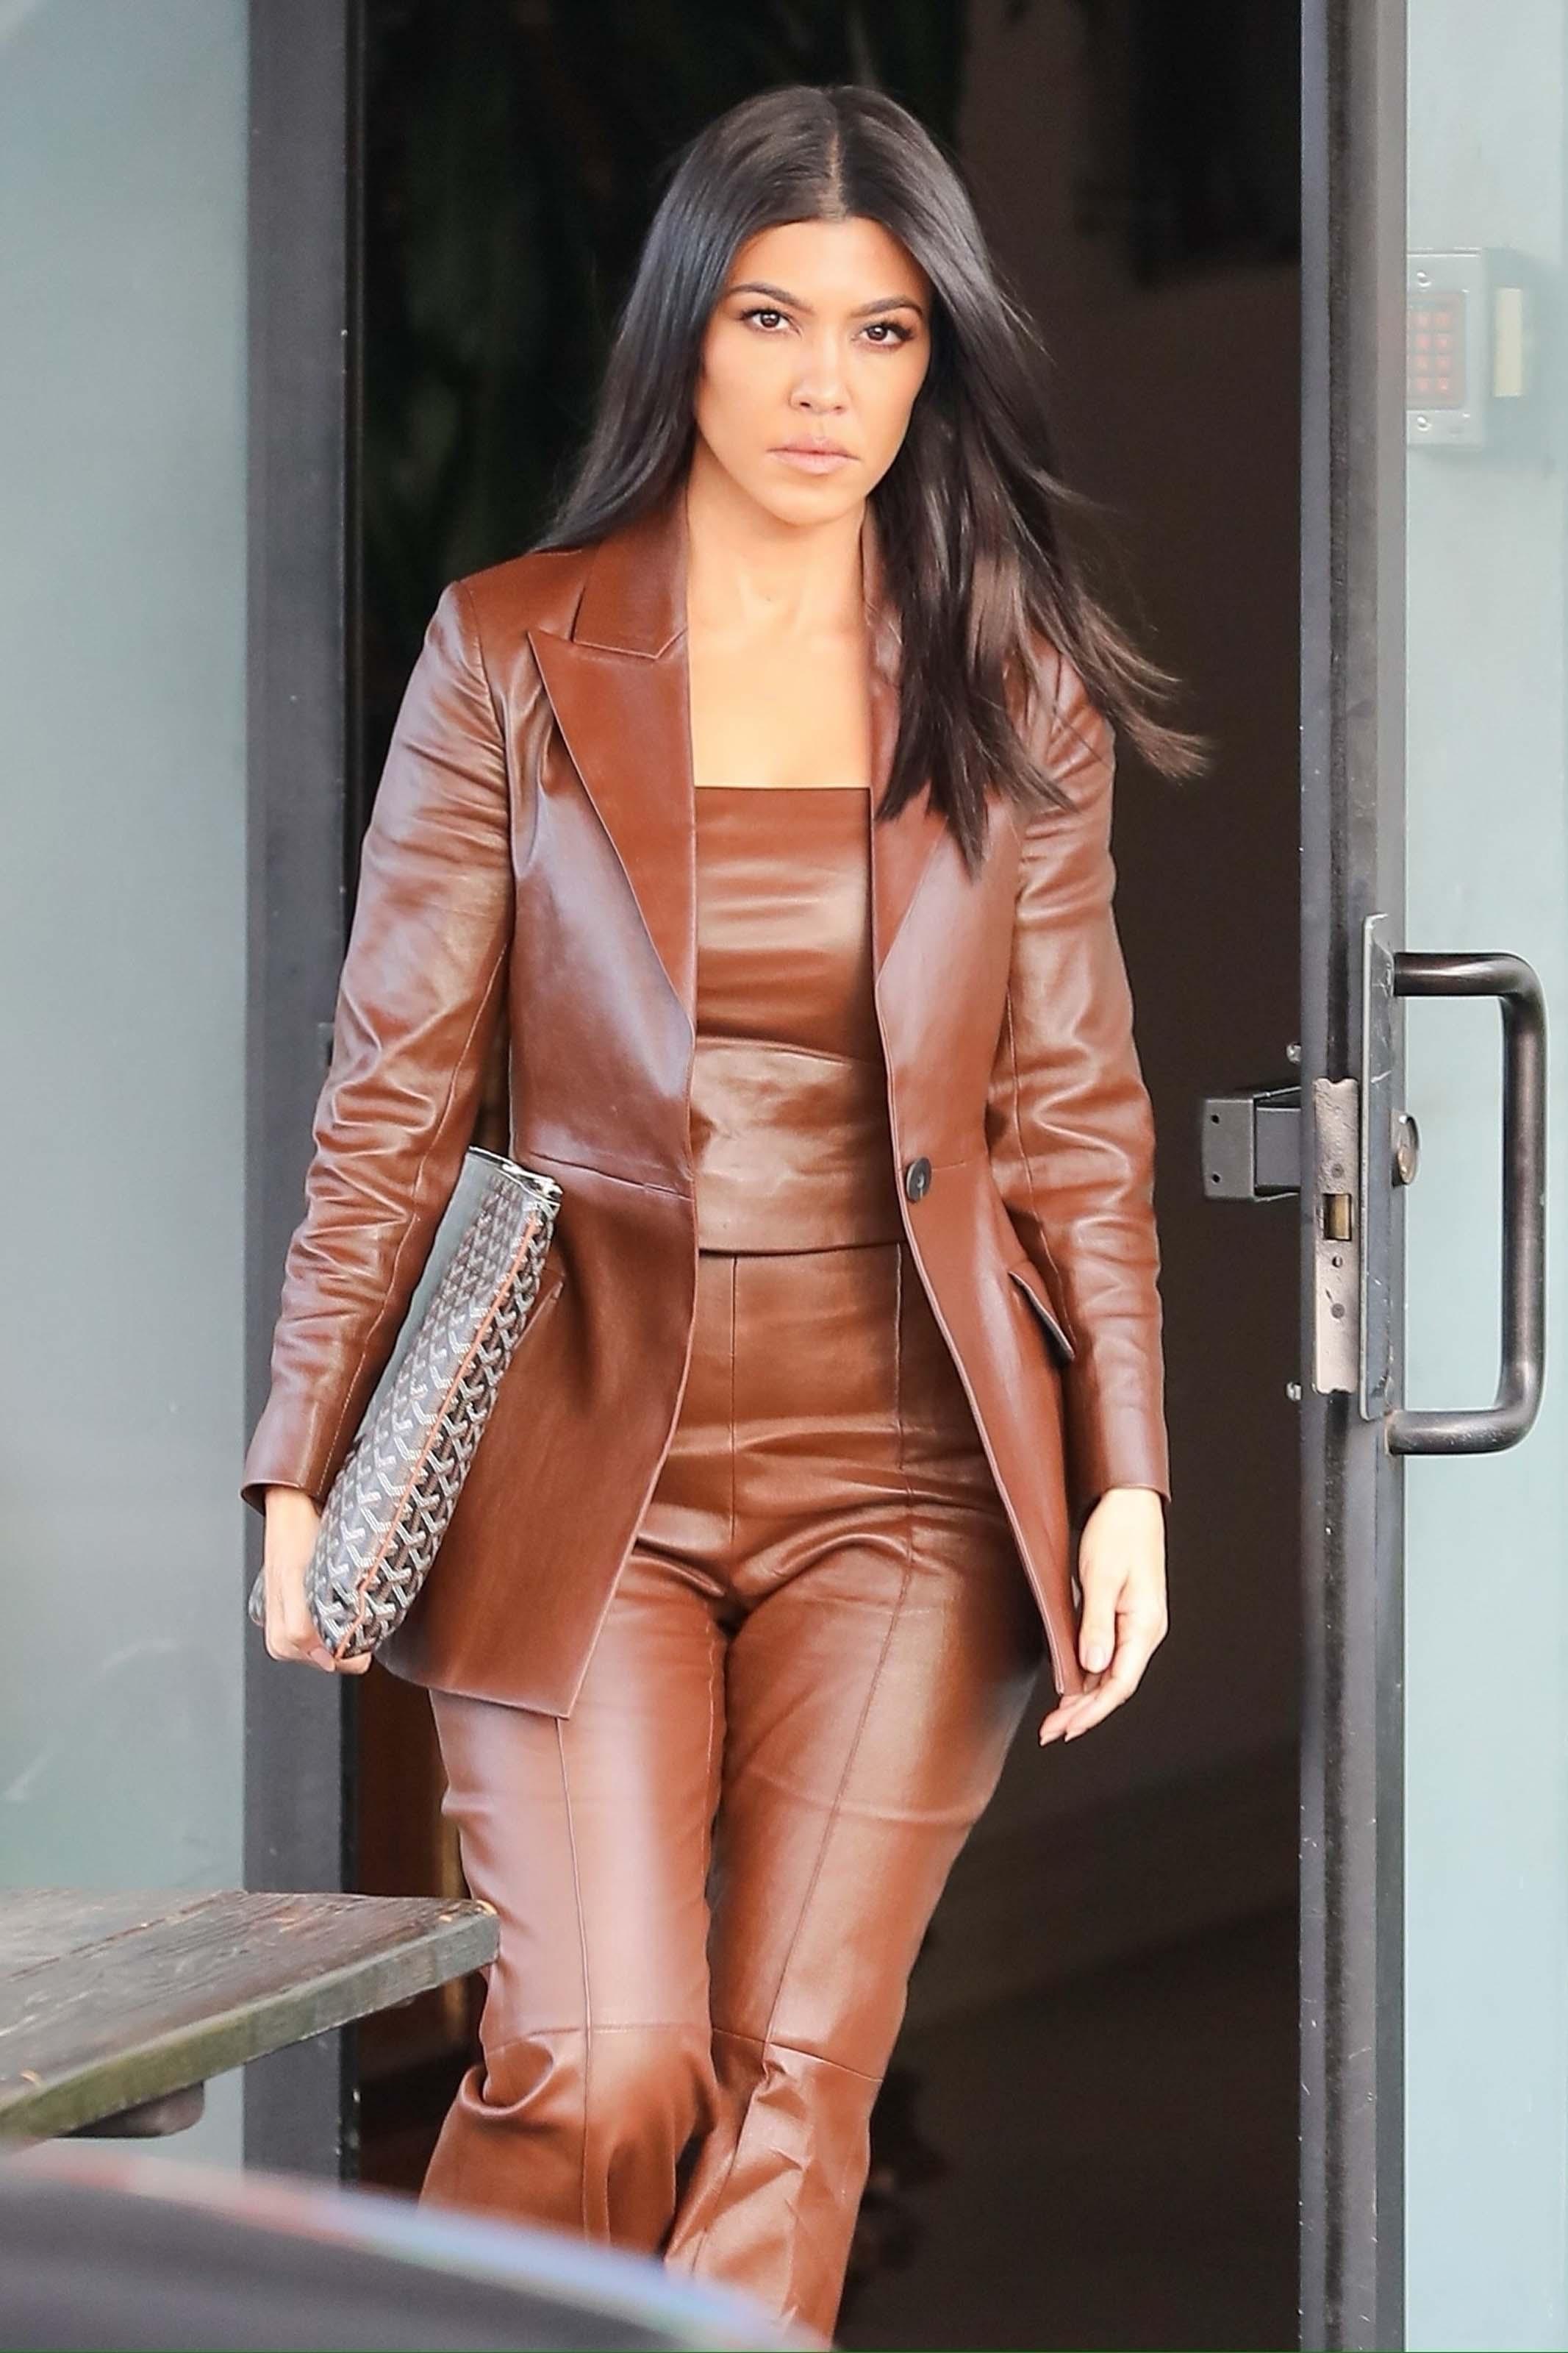 Kourtney Kardashian is all business